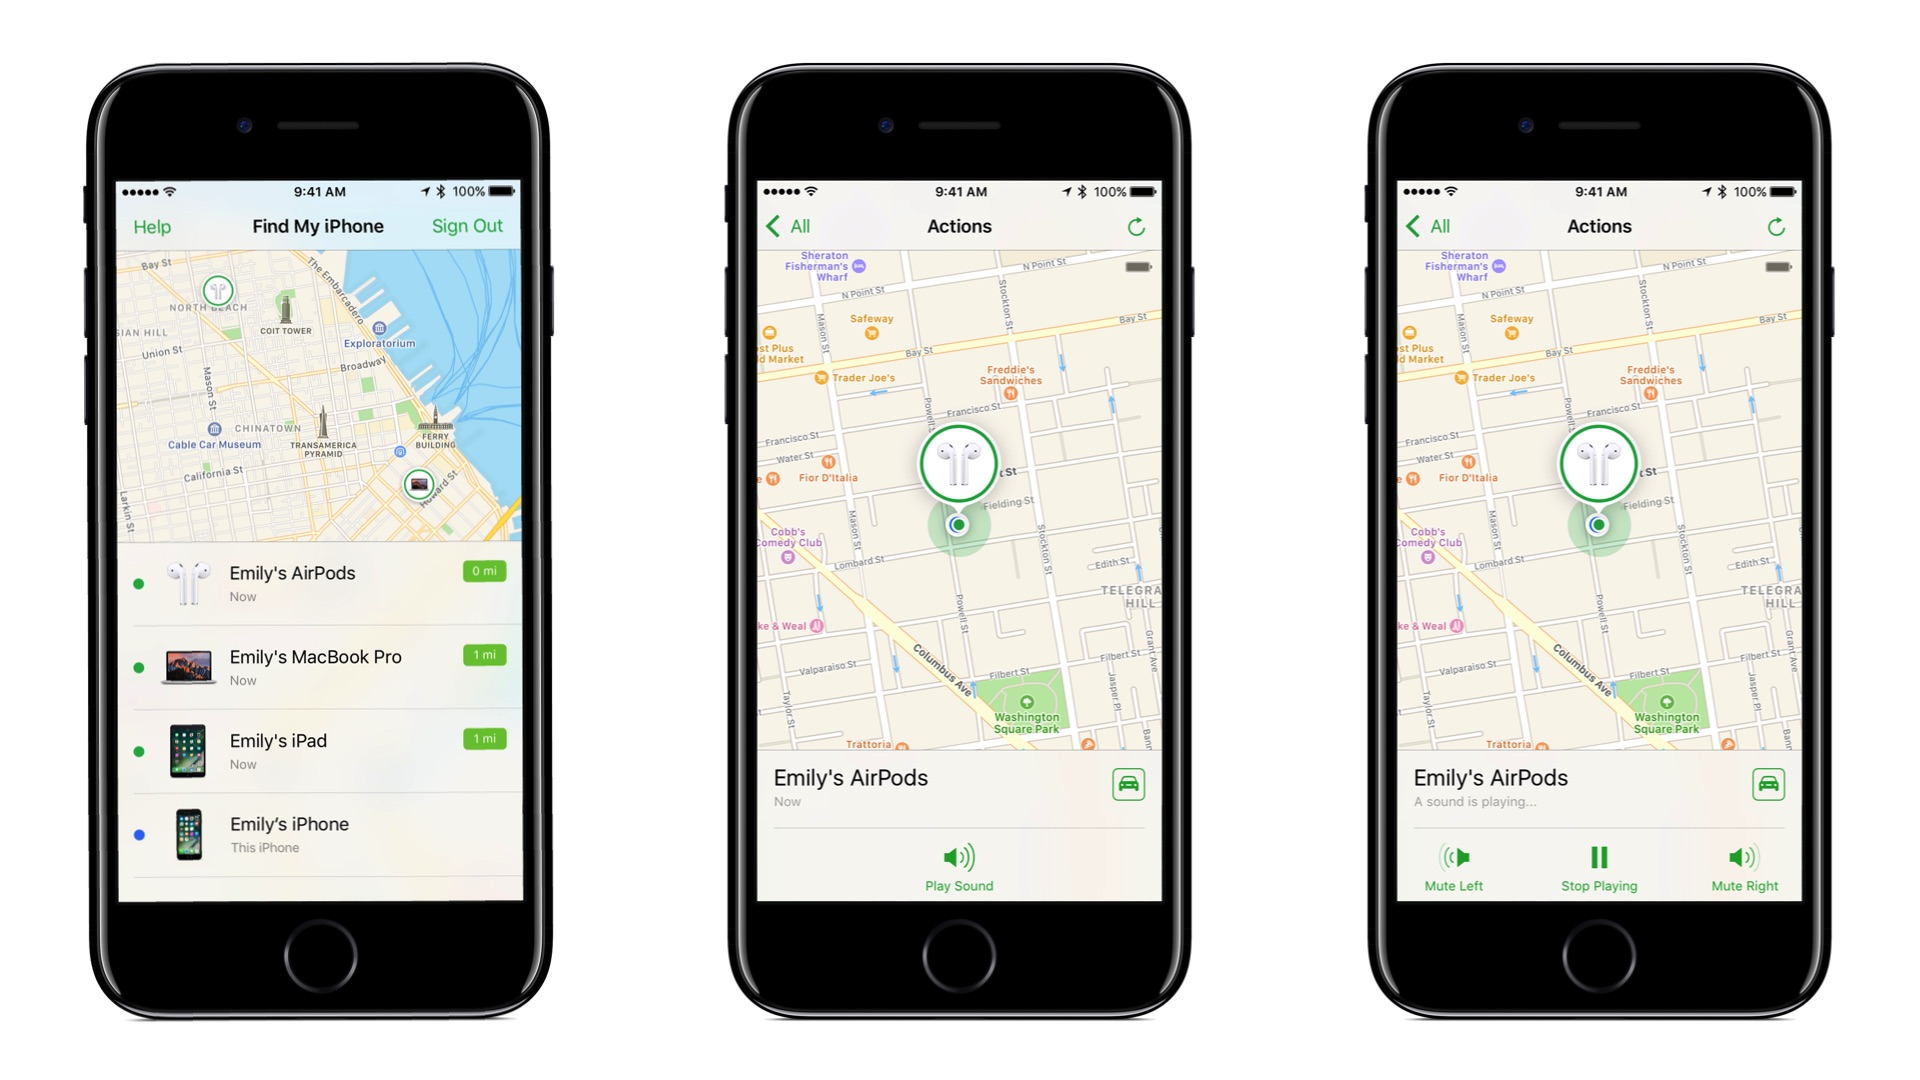 ميزة العثور على AirPods في iOS 10.3 بيتا 1